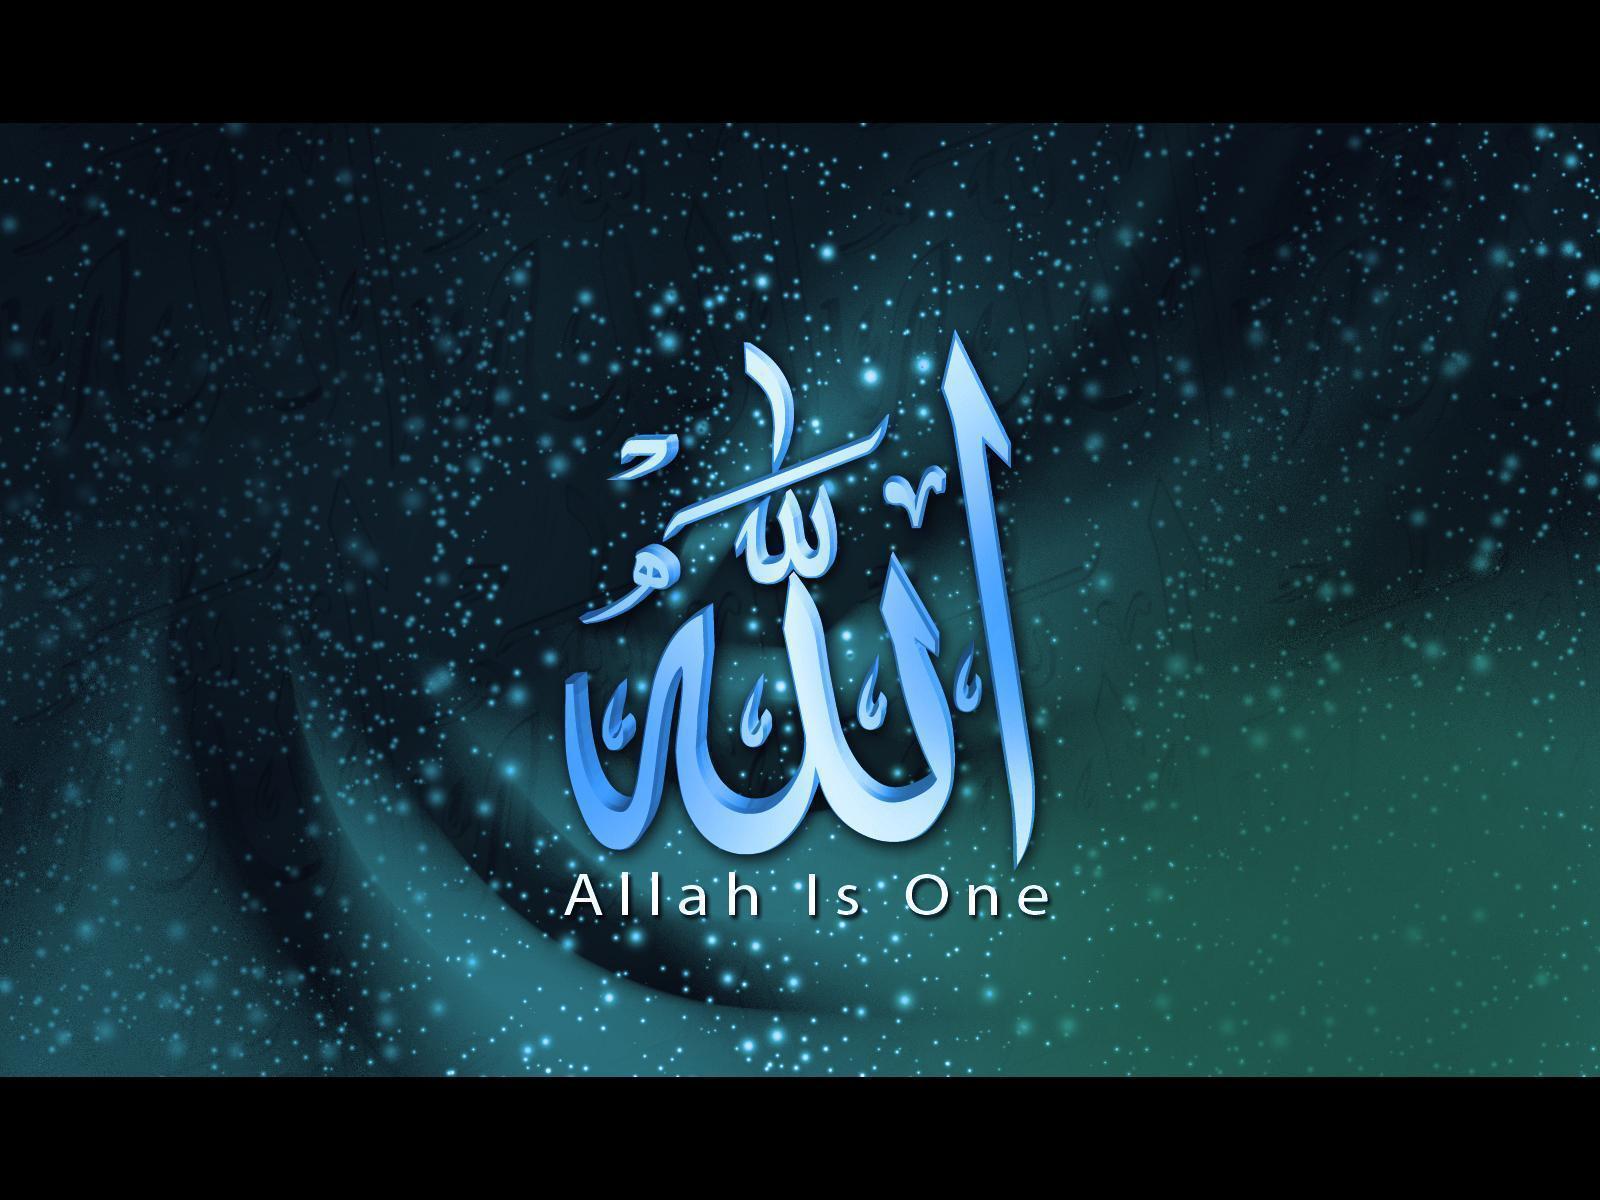 ALLAH - Islam Wallpaper (25006535) - Fanpop